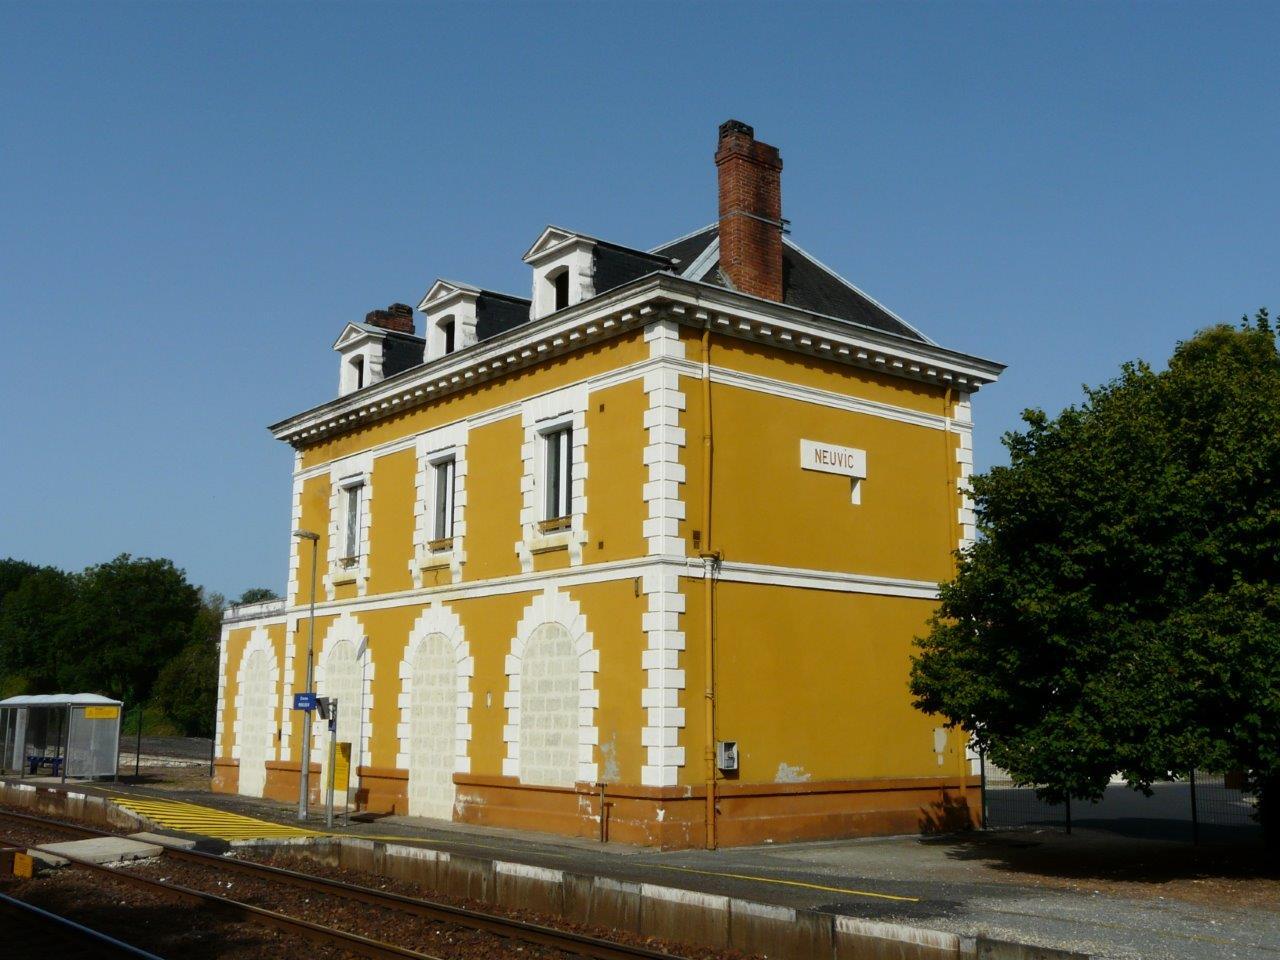 gare-de-neuvic-dordogne-train-station